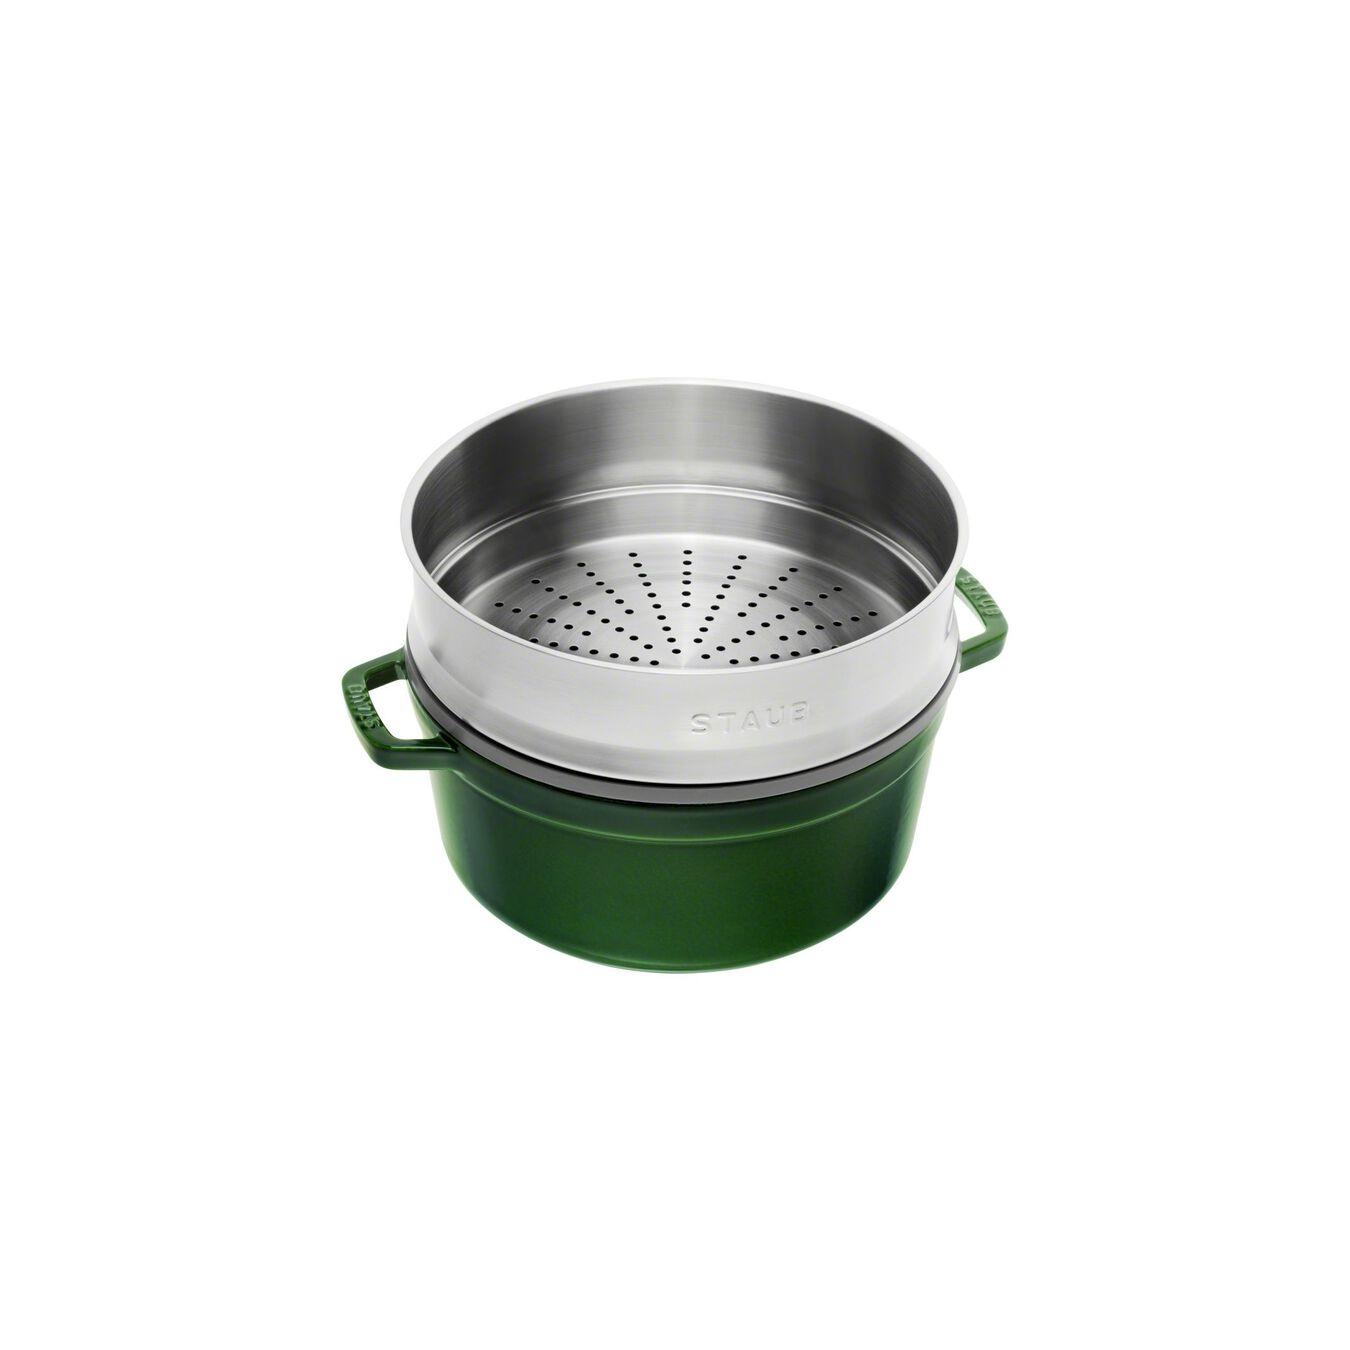 Cocotte con cestello a vapore rotonda - 26 cm, basilico,,large 3